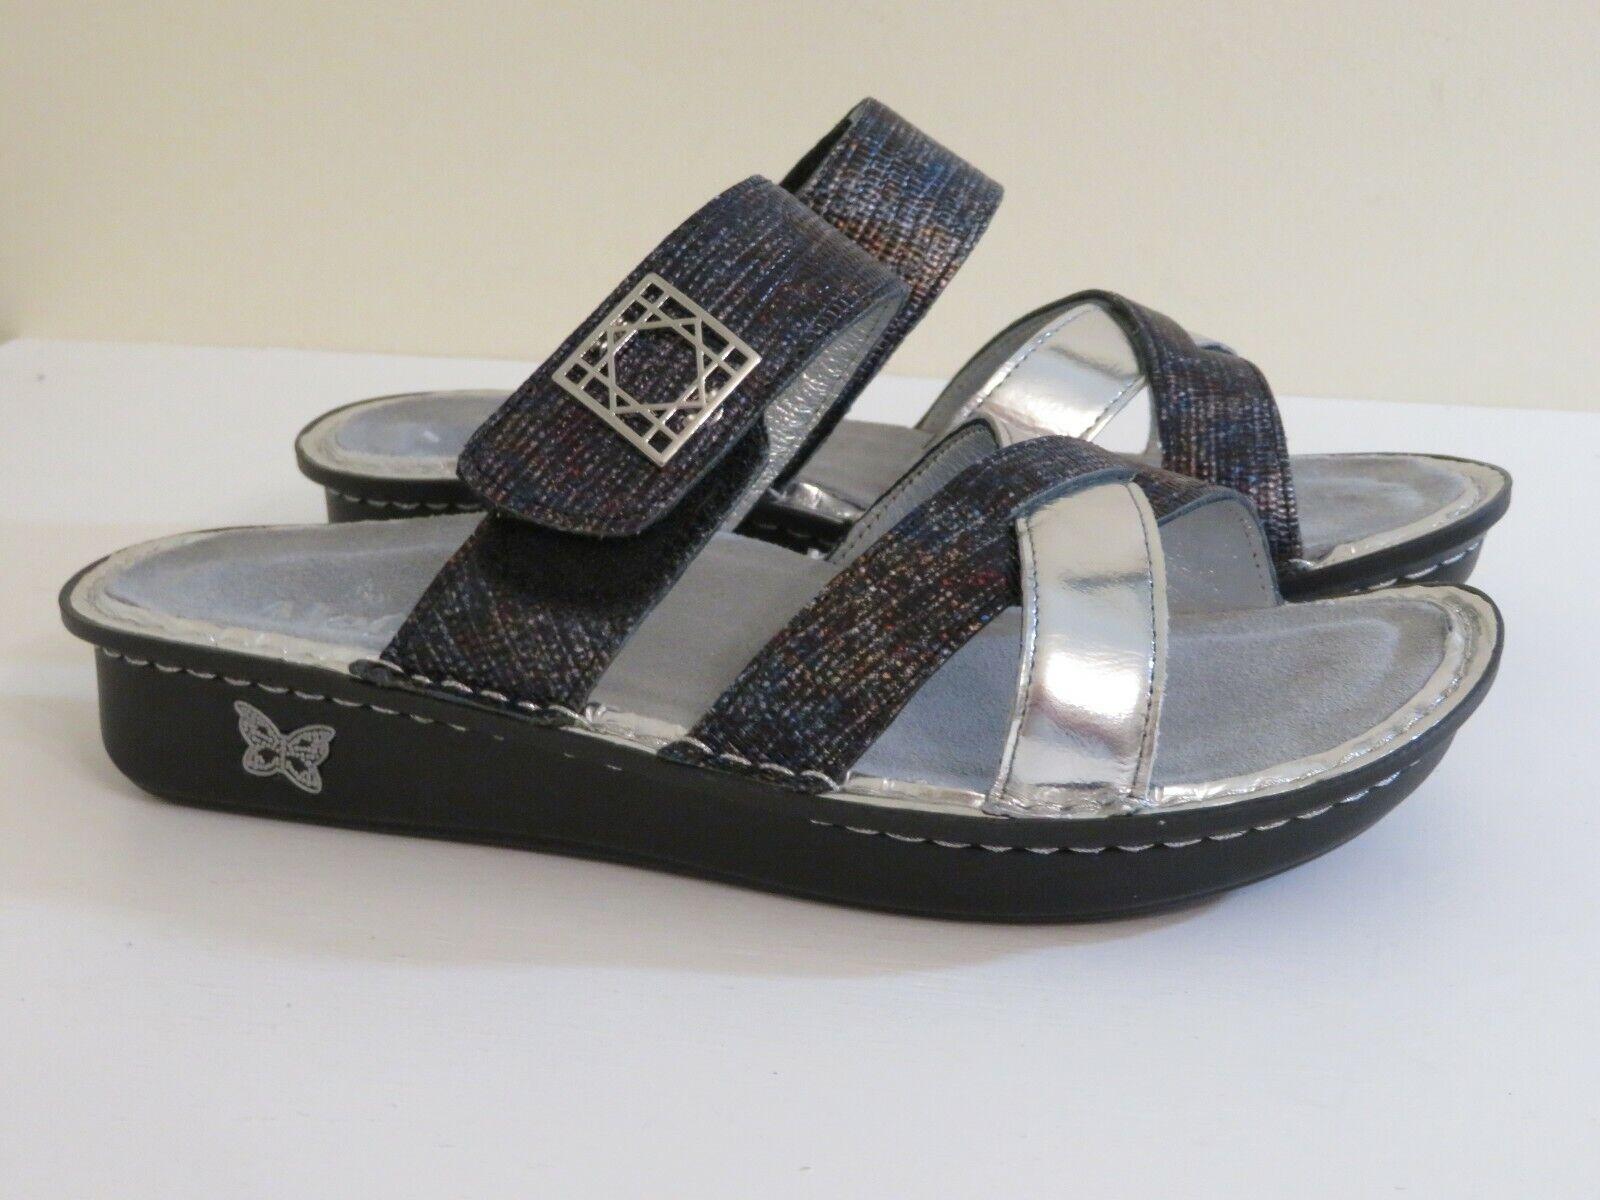 hermoso Correa de de de Cuero Alegria Multi Diapositiva Sandalias Zapatos victoriah nuevo 36 37  Envio gratis en todas las ordenes